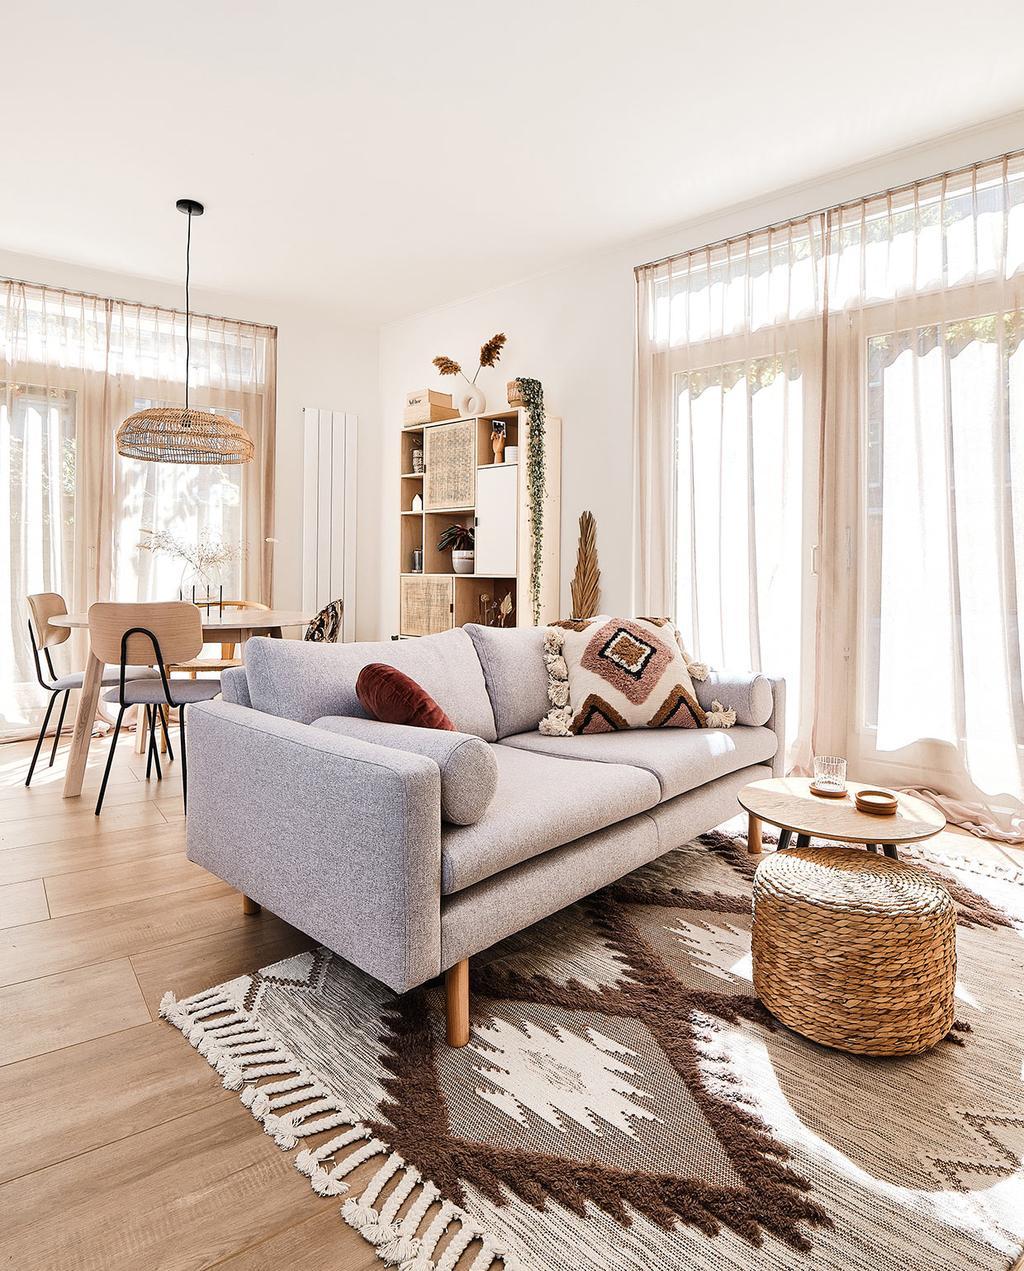 vtwonen special tiny houses | woonkamer met grijze bank in het midden